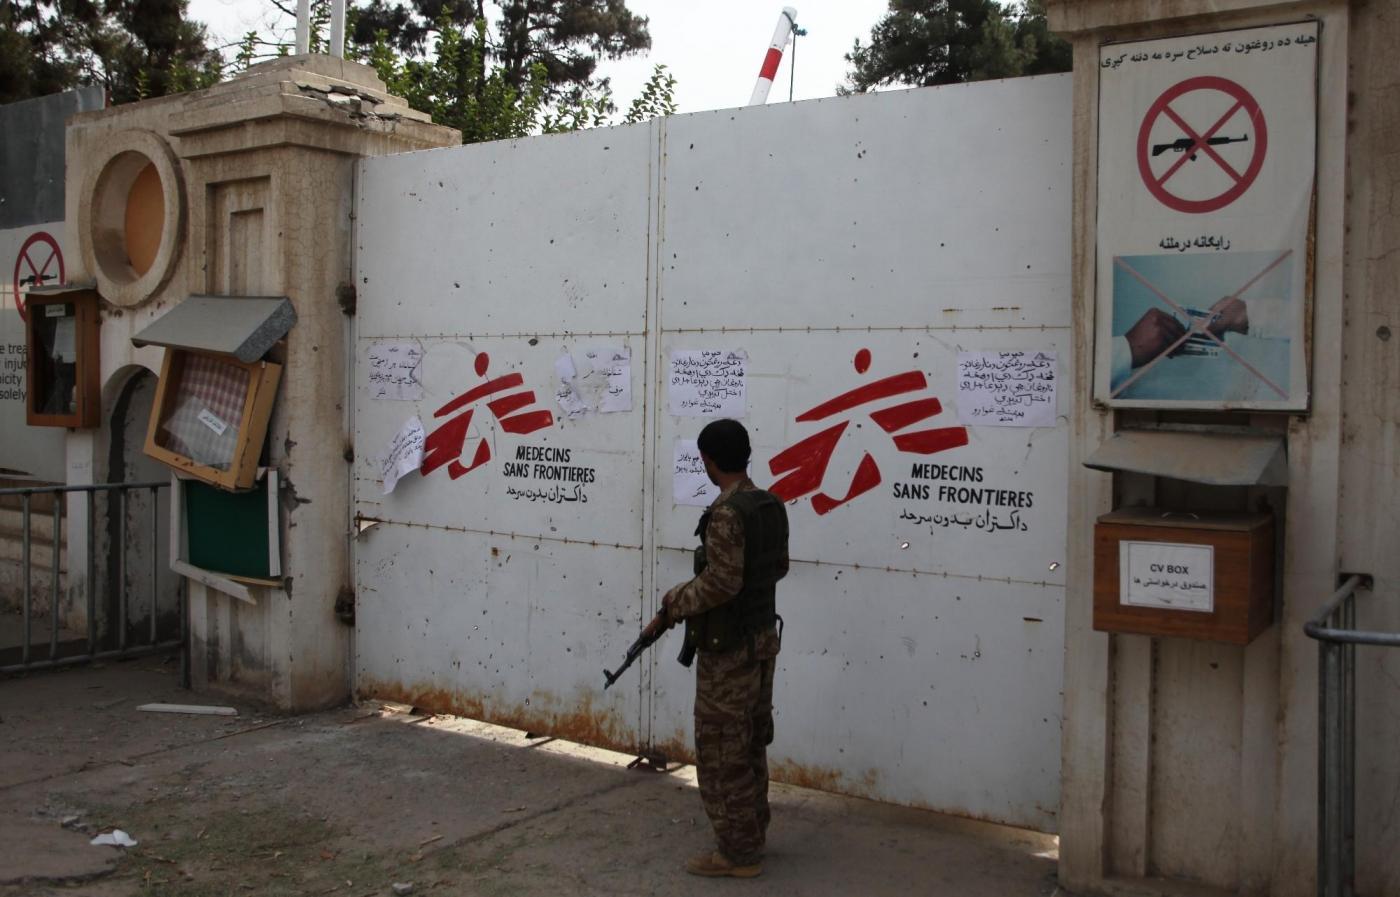 Il Pentagono pronto a risarcire le vittime della strage all'ospedale di Medici senza frontiere